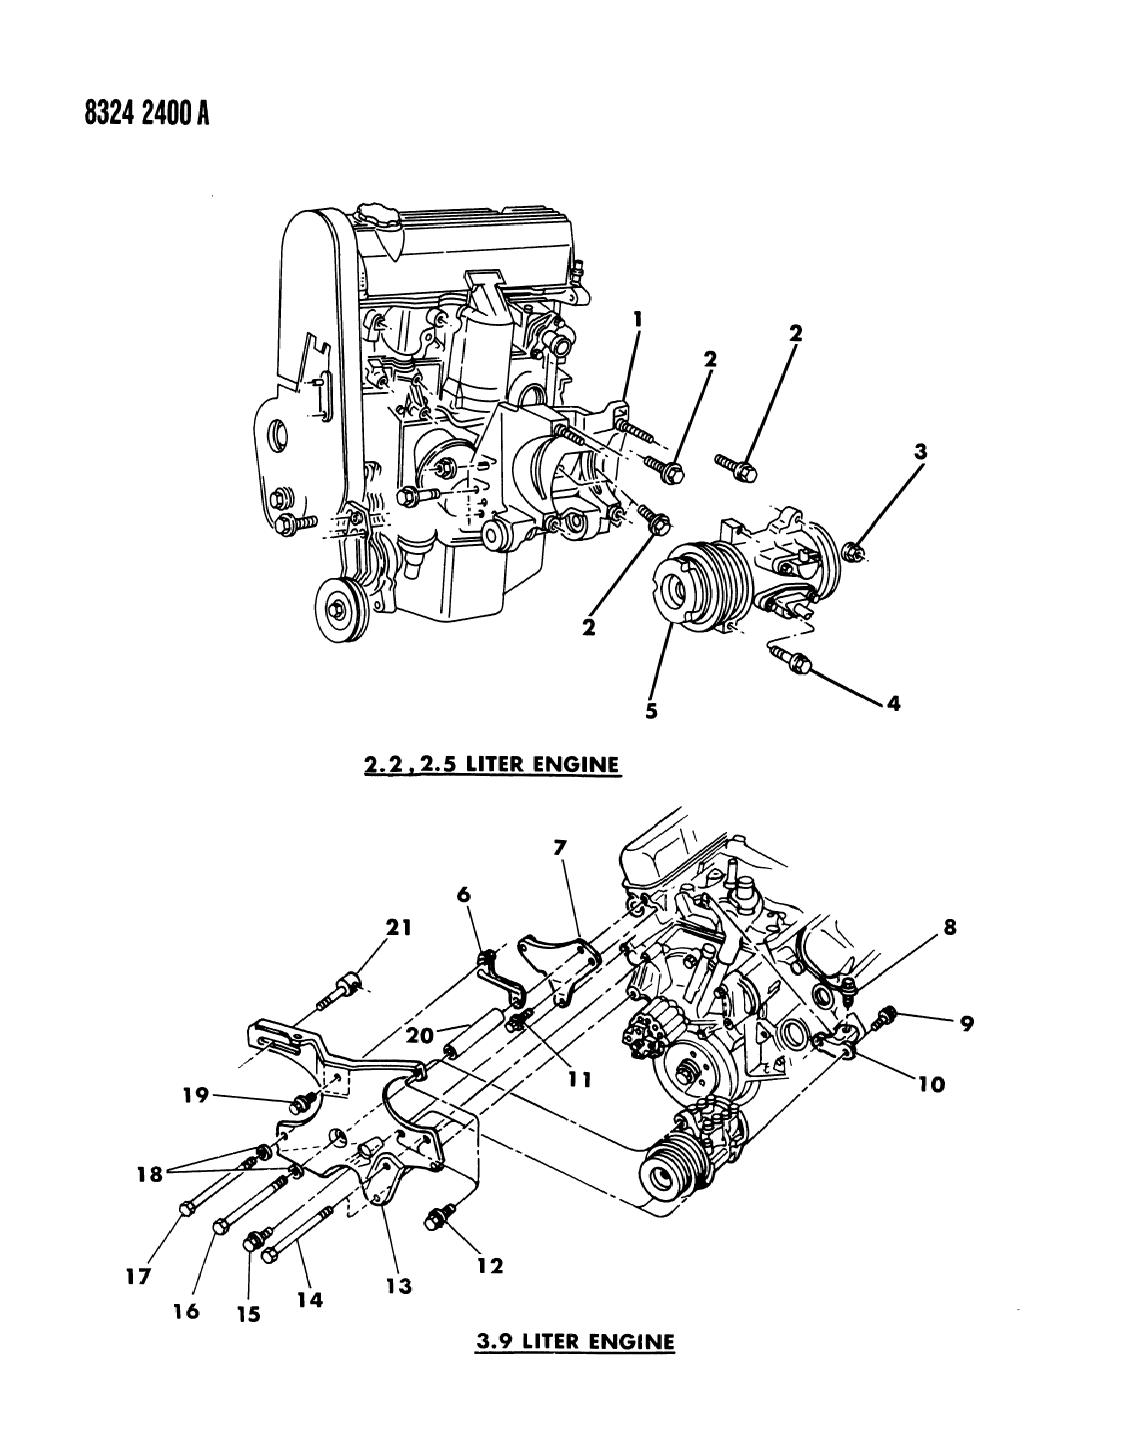 1988 Dodge Dakota Mounting - A/C Compressor - Mopar Parts Giant on 6.2 liter dodge engine, 3.9 v6 engine, 2.5 liter dodge engine,